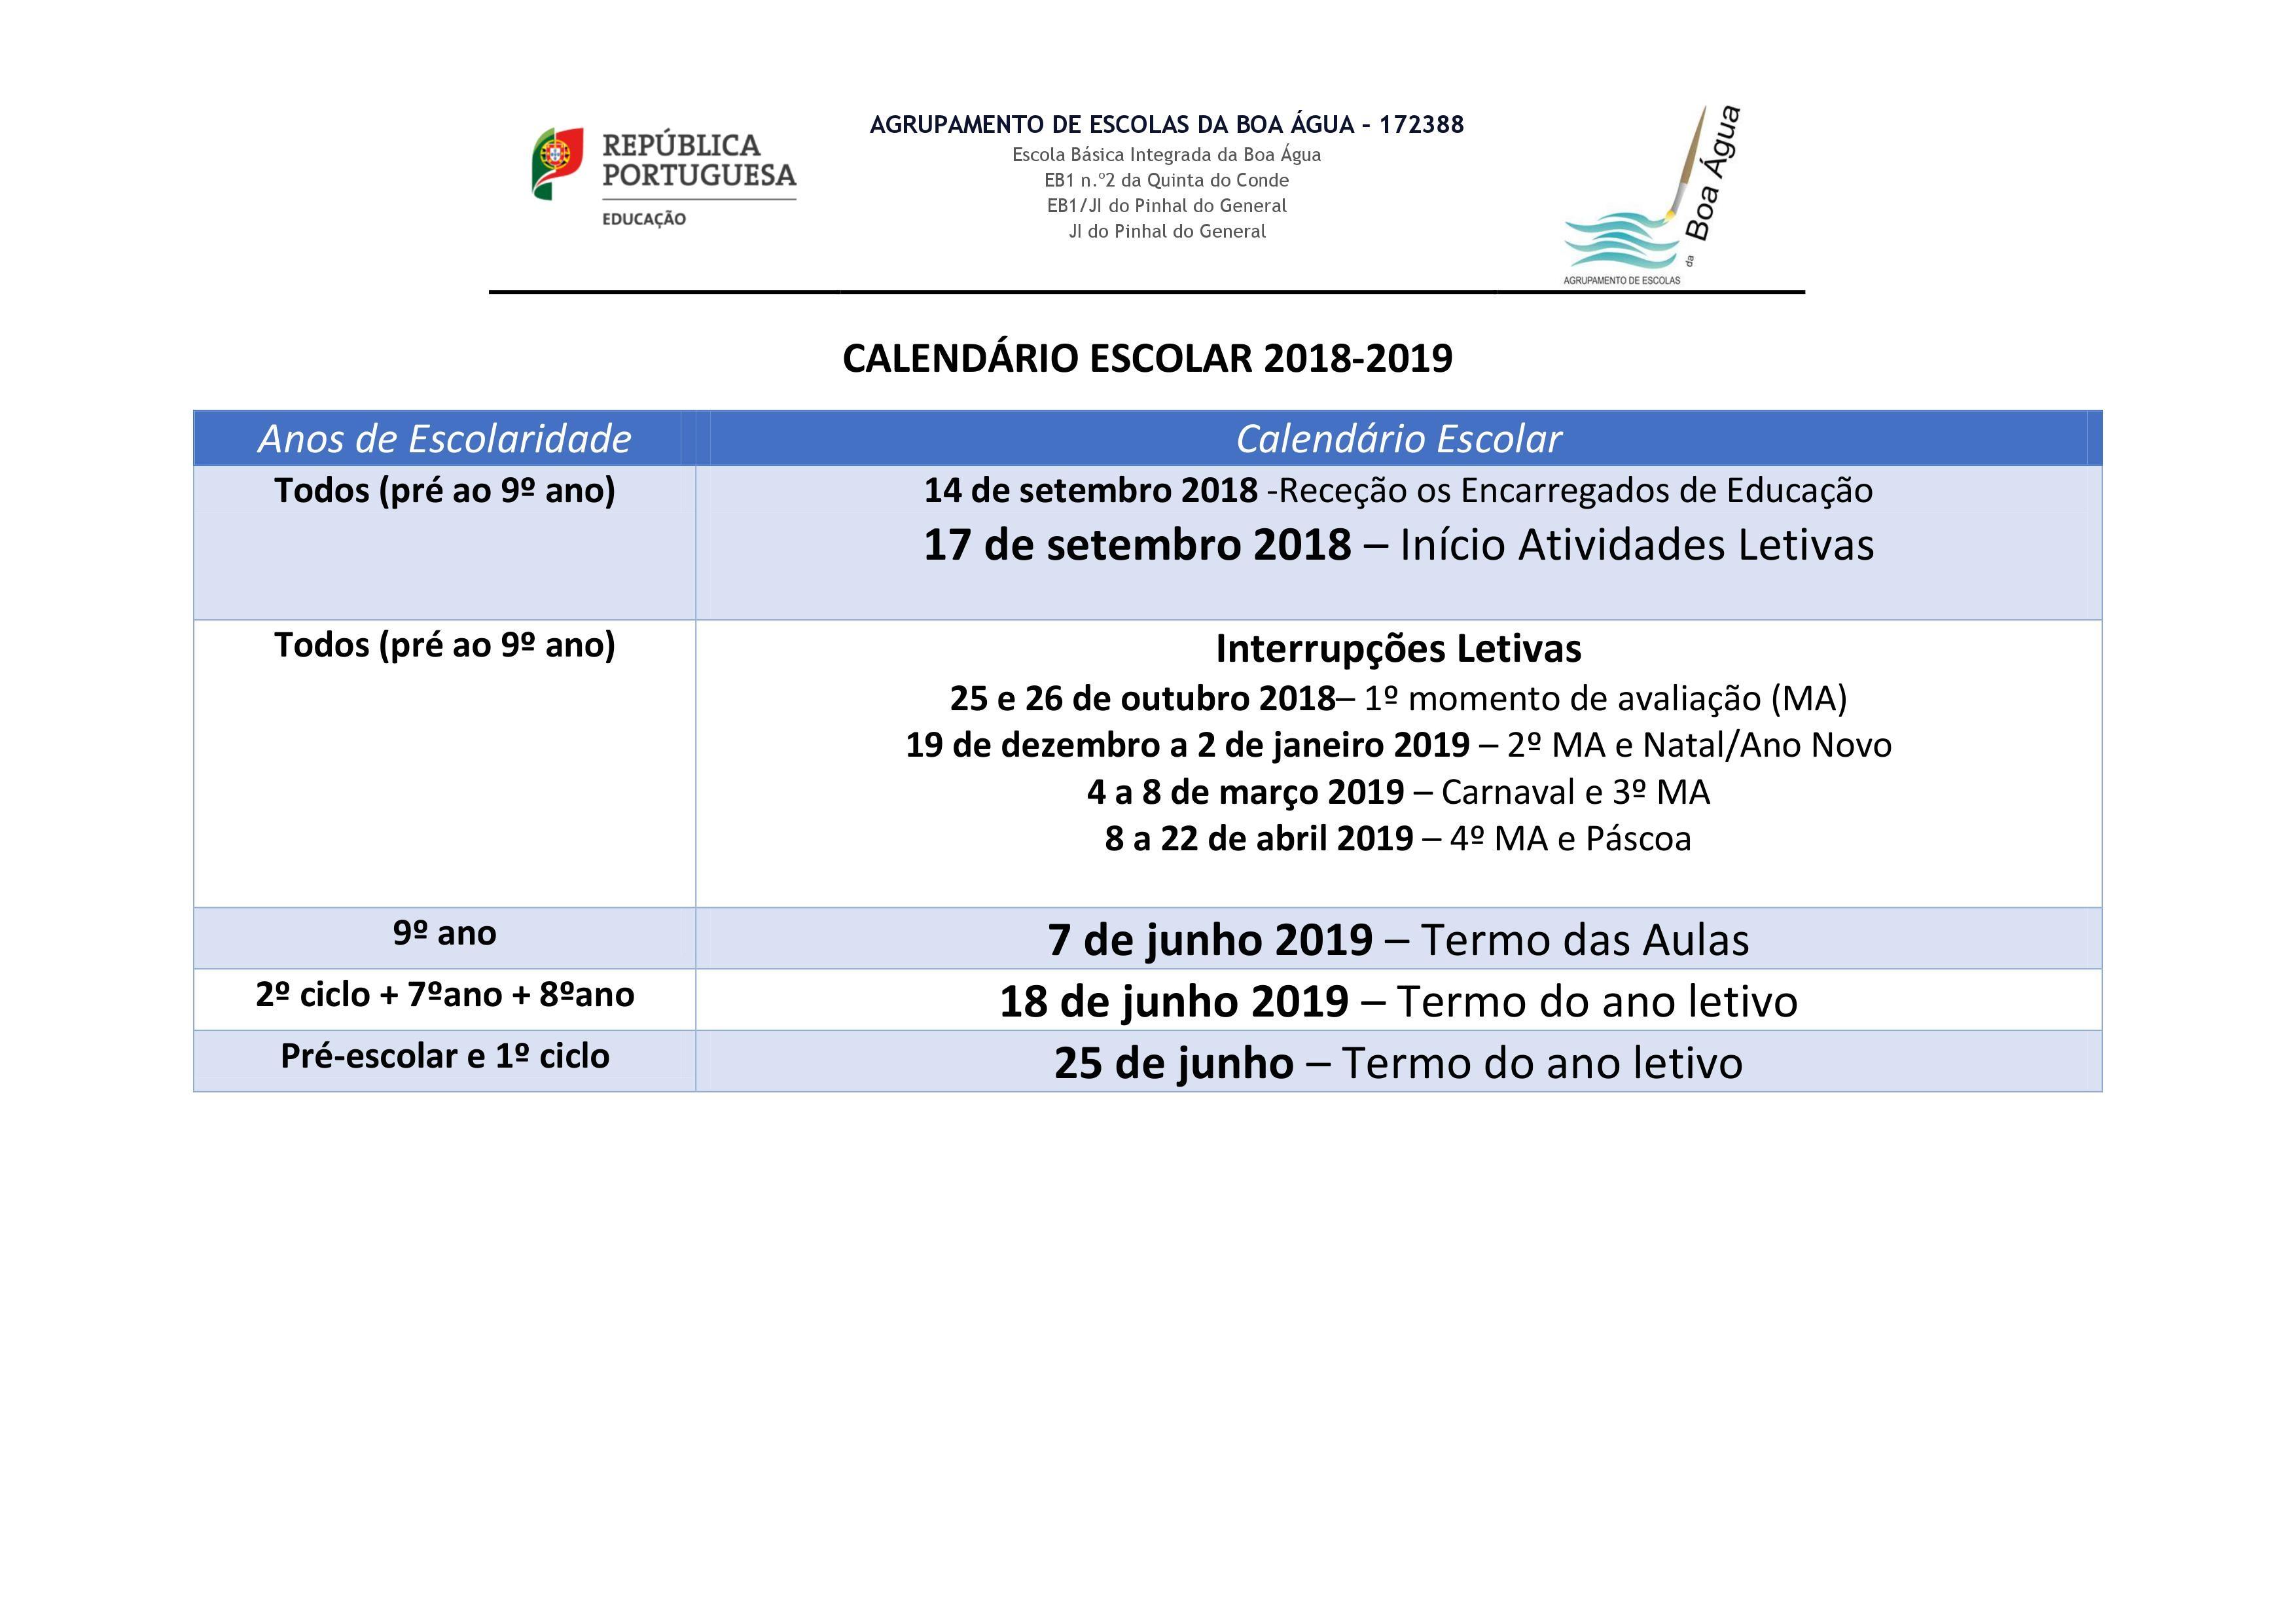 Calendário escolar 2018 19